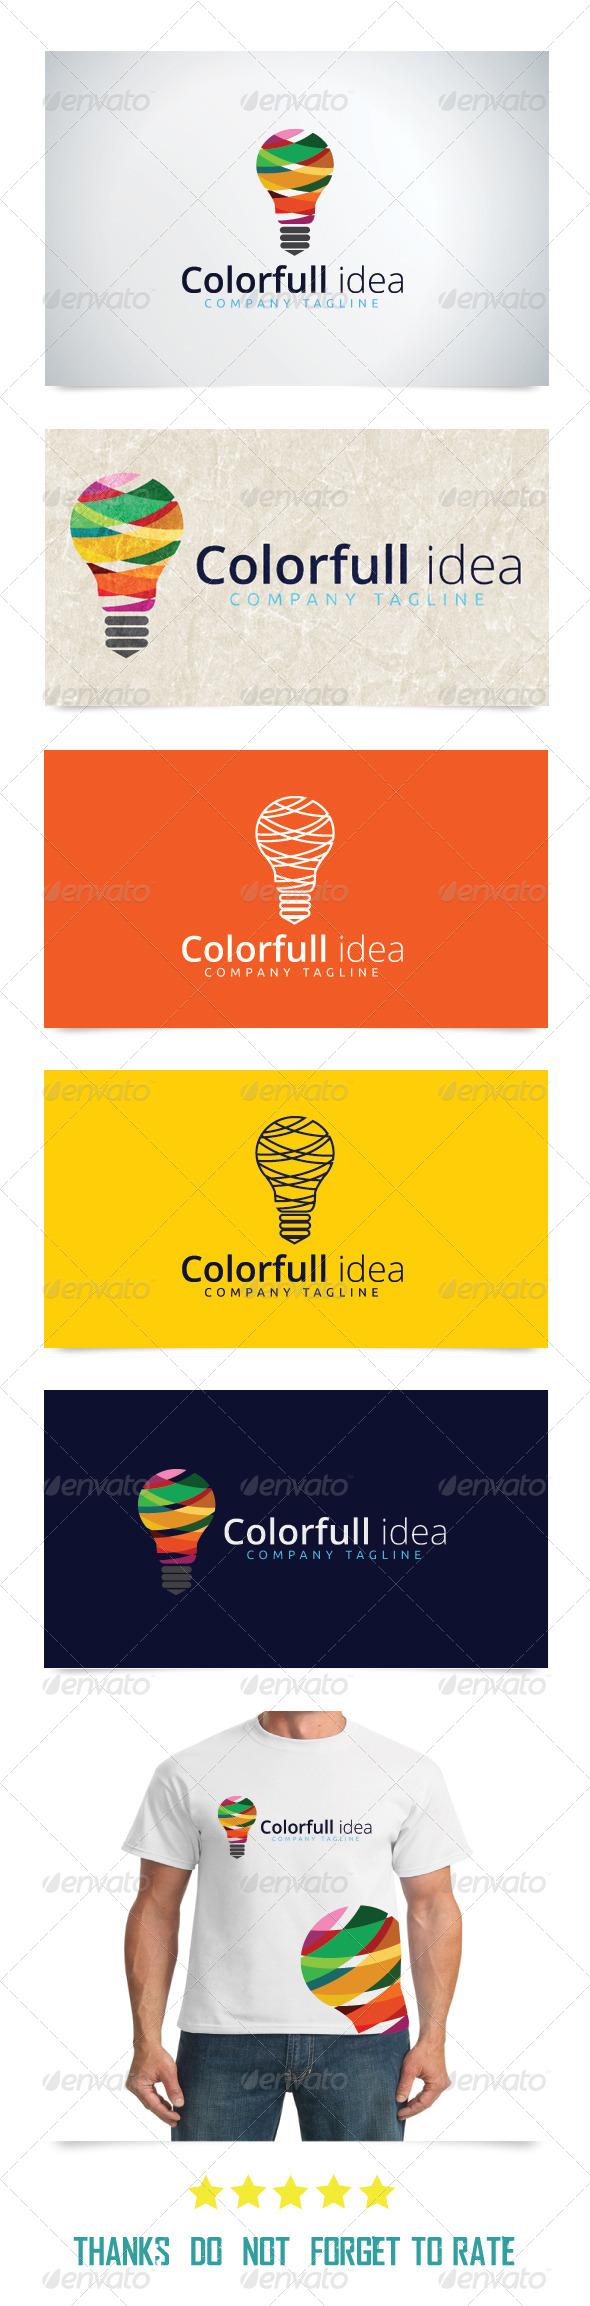 GraphicRiver Colorfull idea 7602309